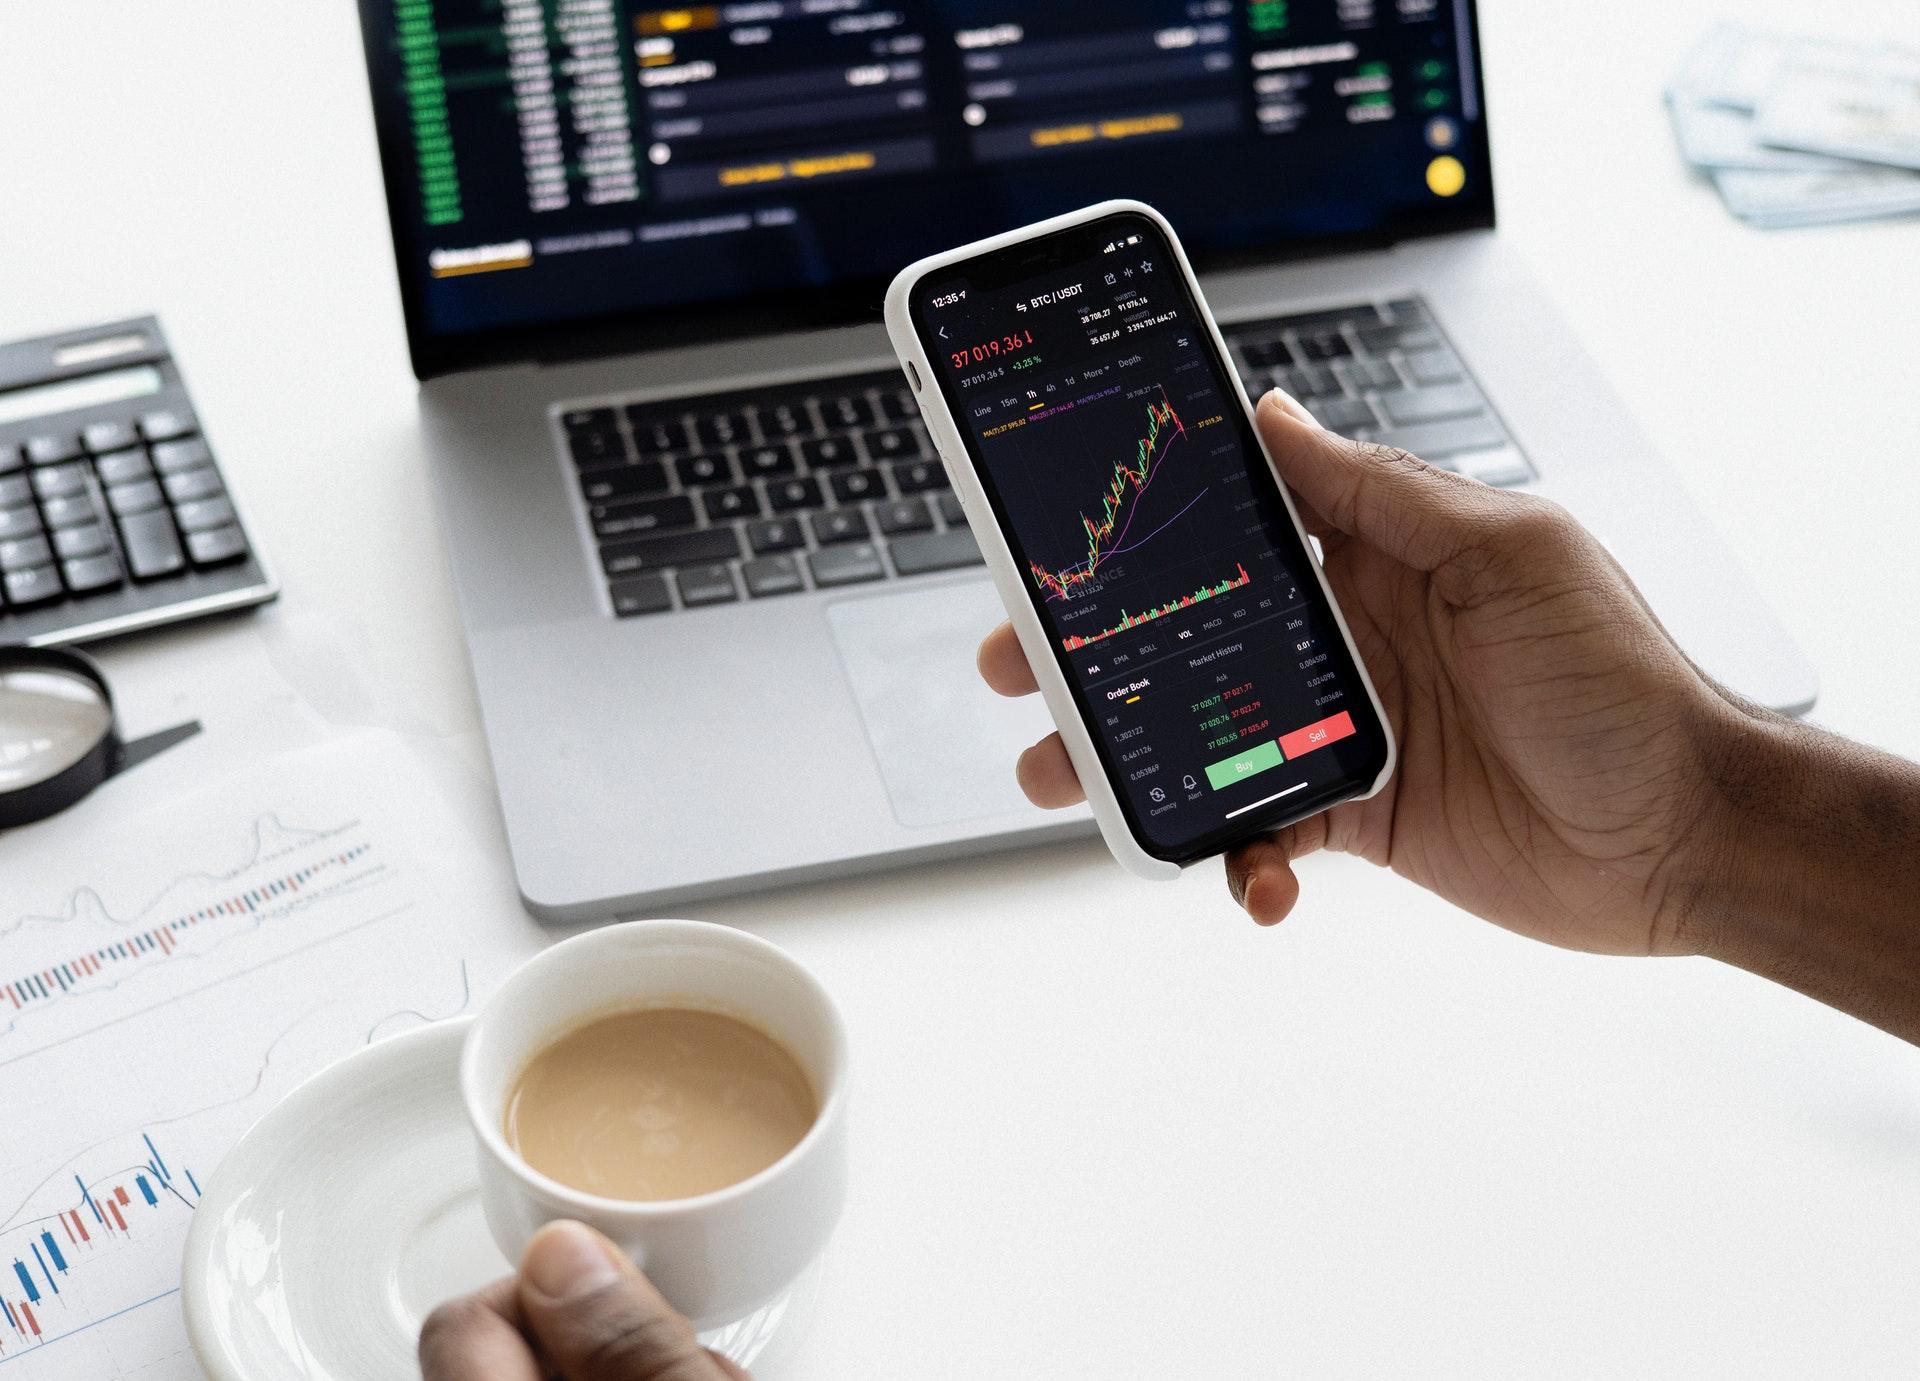 Vemos que uma pessoa segura um telefone com gráficos na tela, acompanhado de um computador que acompanha as movimentações do mercado financeiro (imagem ilustrativa). Texto: como franquear minha marca.